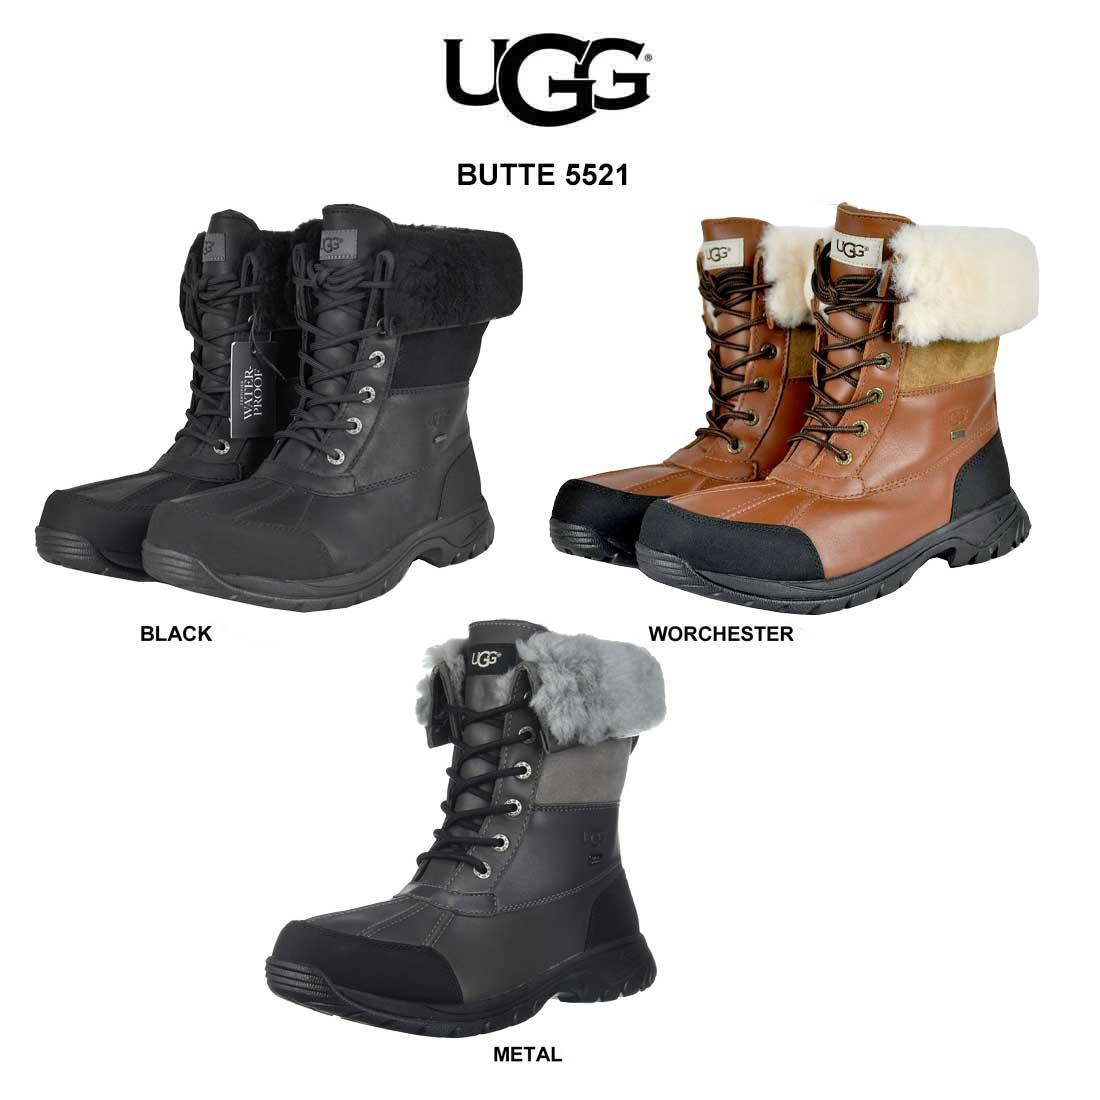 (SALE)UGG(アグ)メンズ ブーツ 最高級 シープスキン ブッテ BUTTE 5521